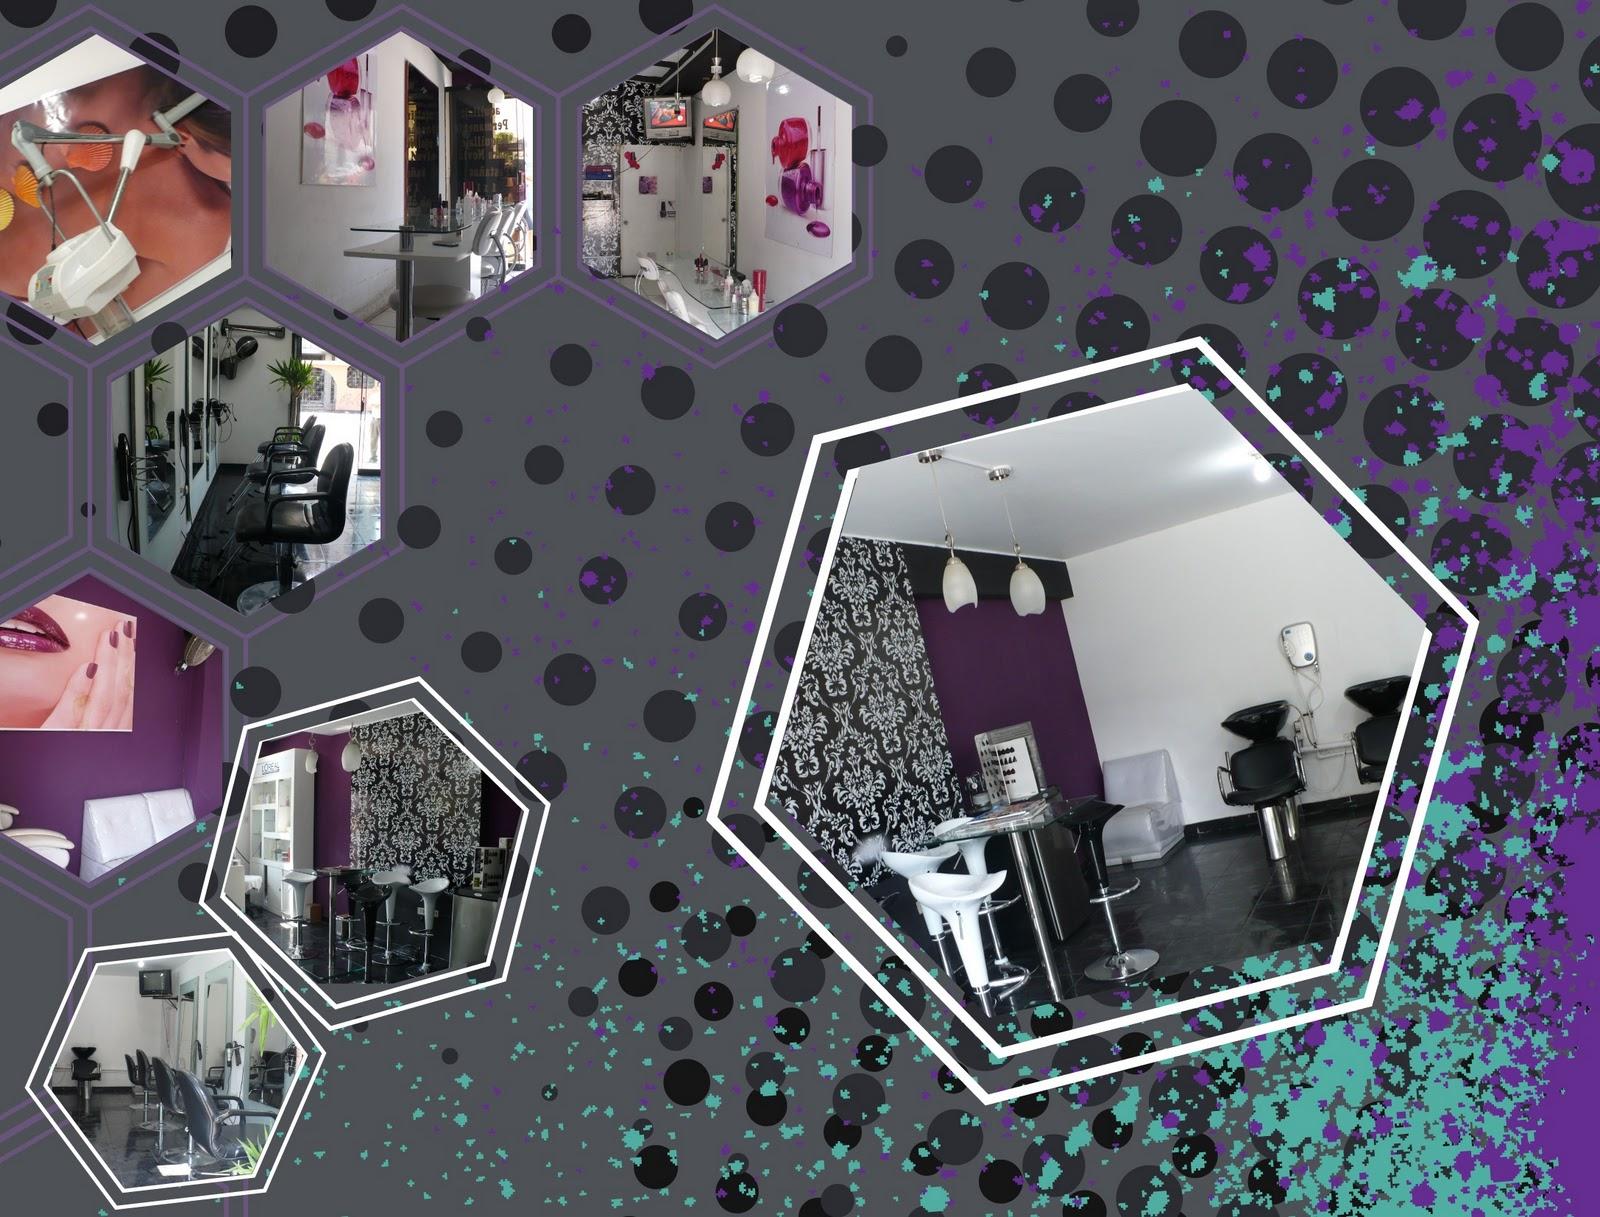 Presentacion junto a cv curriculum by interior design for Diseno de interiores nota de corte